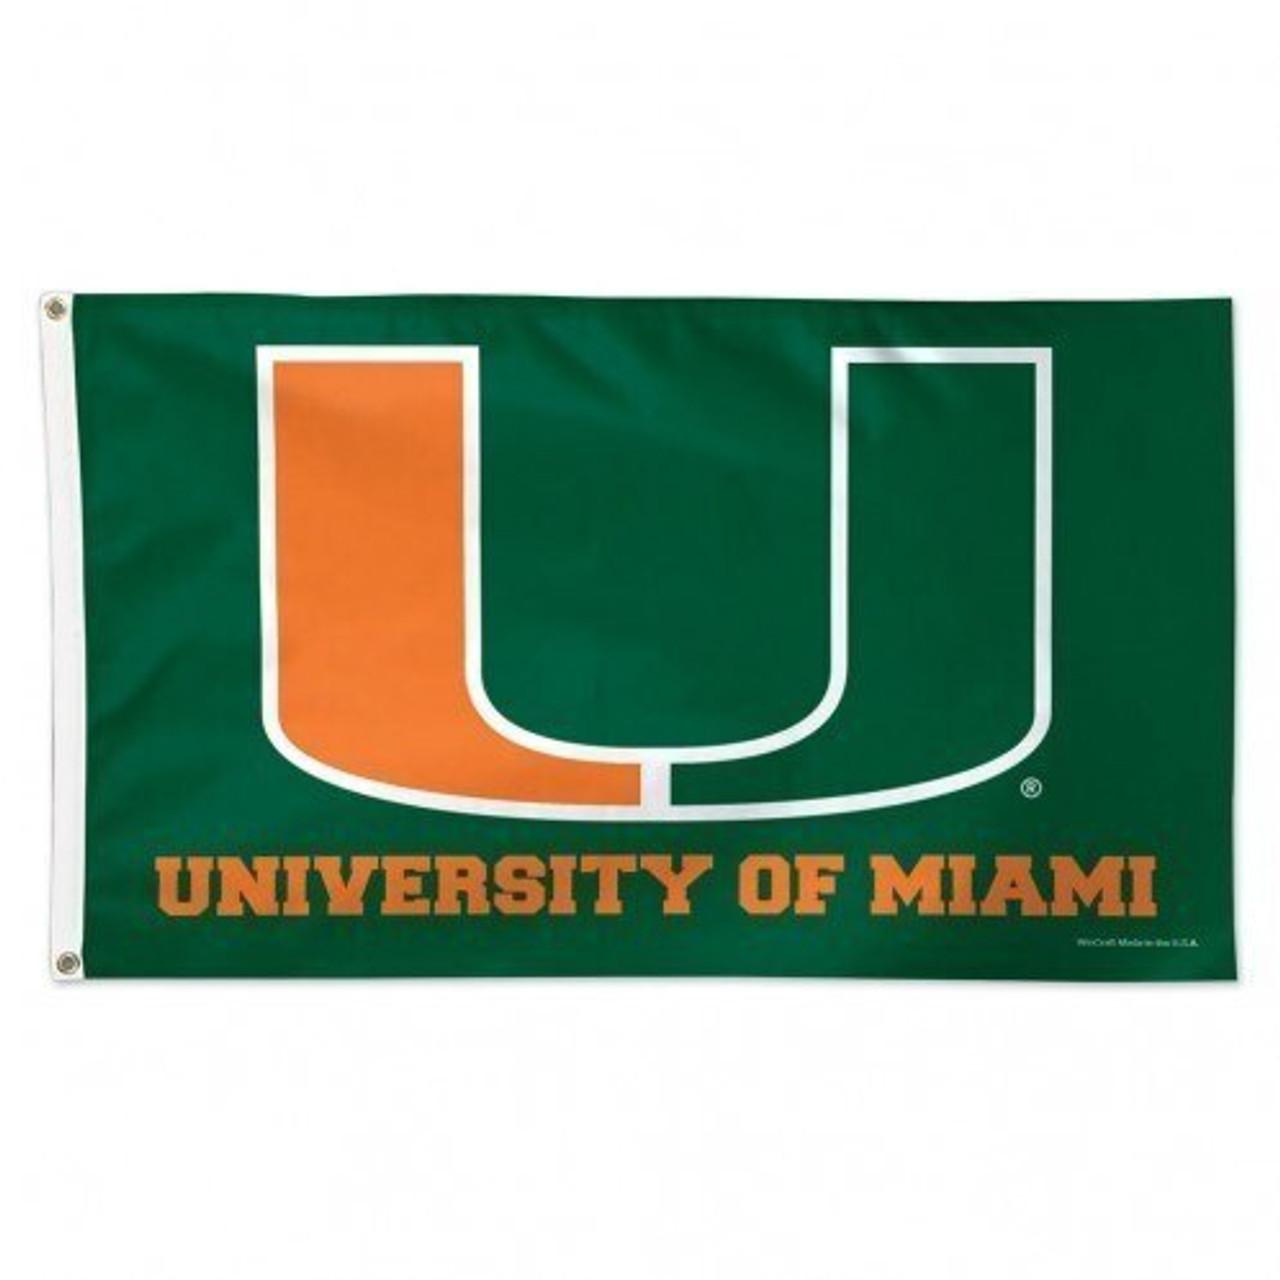 Miami University of Flag